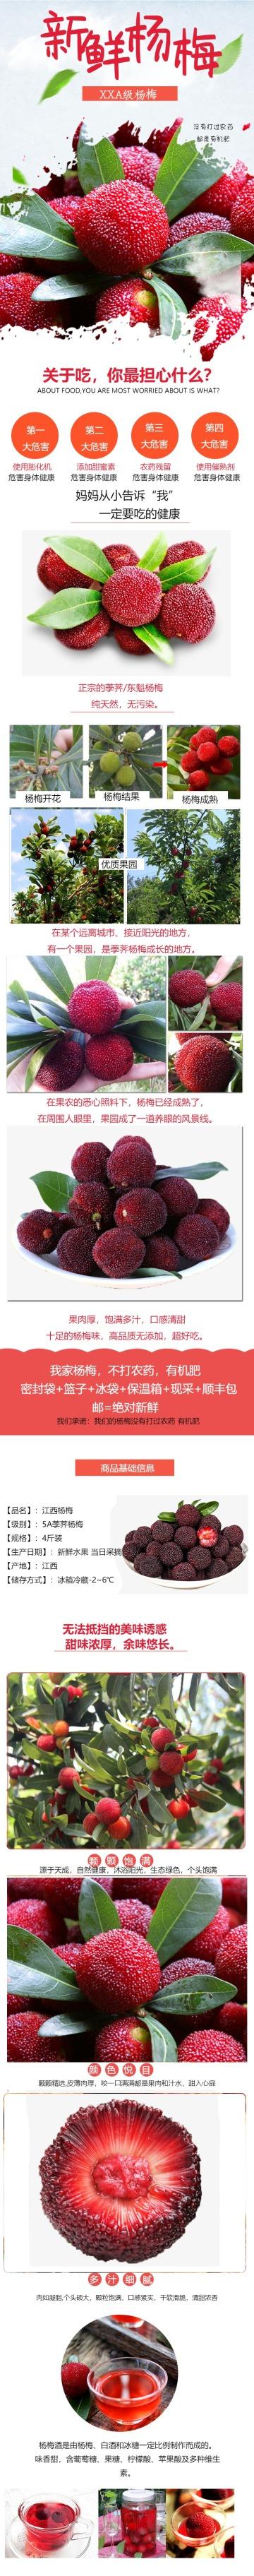 清新简约百货零售生鲜水果杨梅促销电商商品详情页